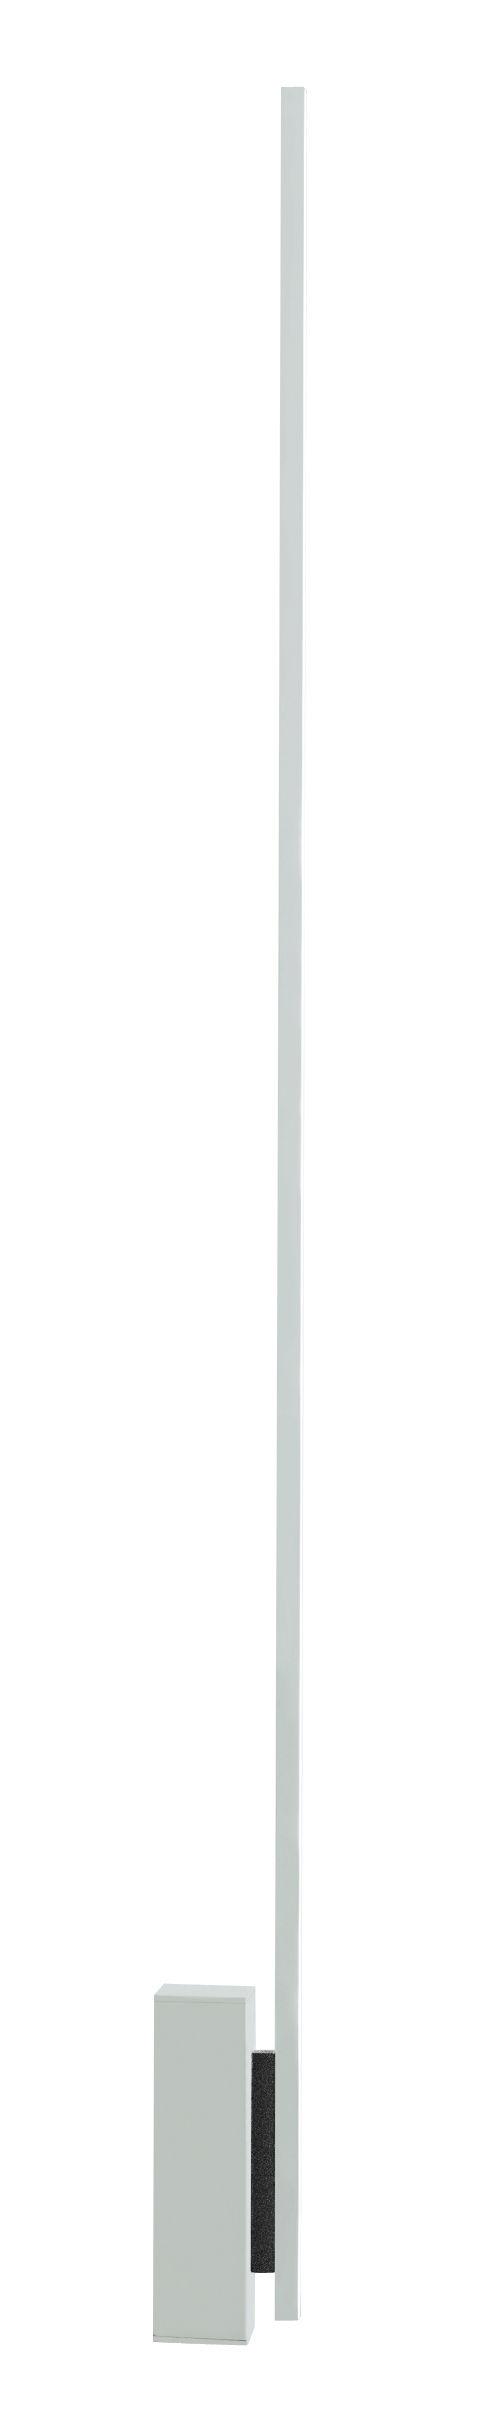 Illuminazione - Lampade da terra - Lampada a stelo Linescapes - / LED - H 192 cm di Nemo - Blanc - alluminio estruso, policarbonato